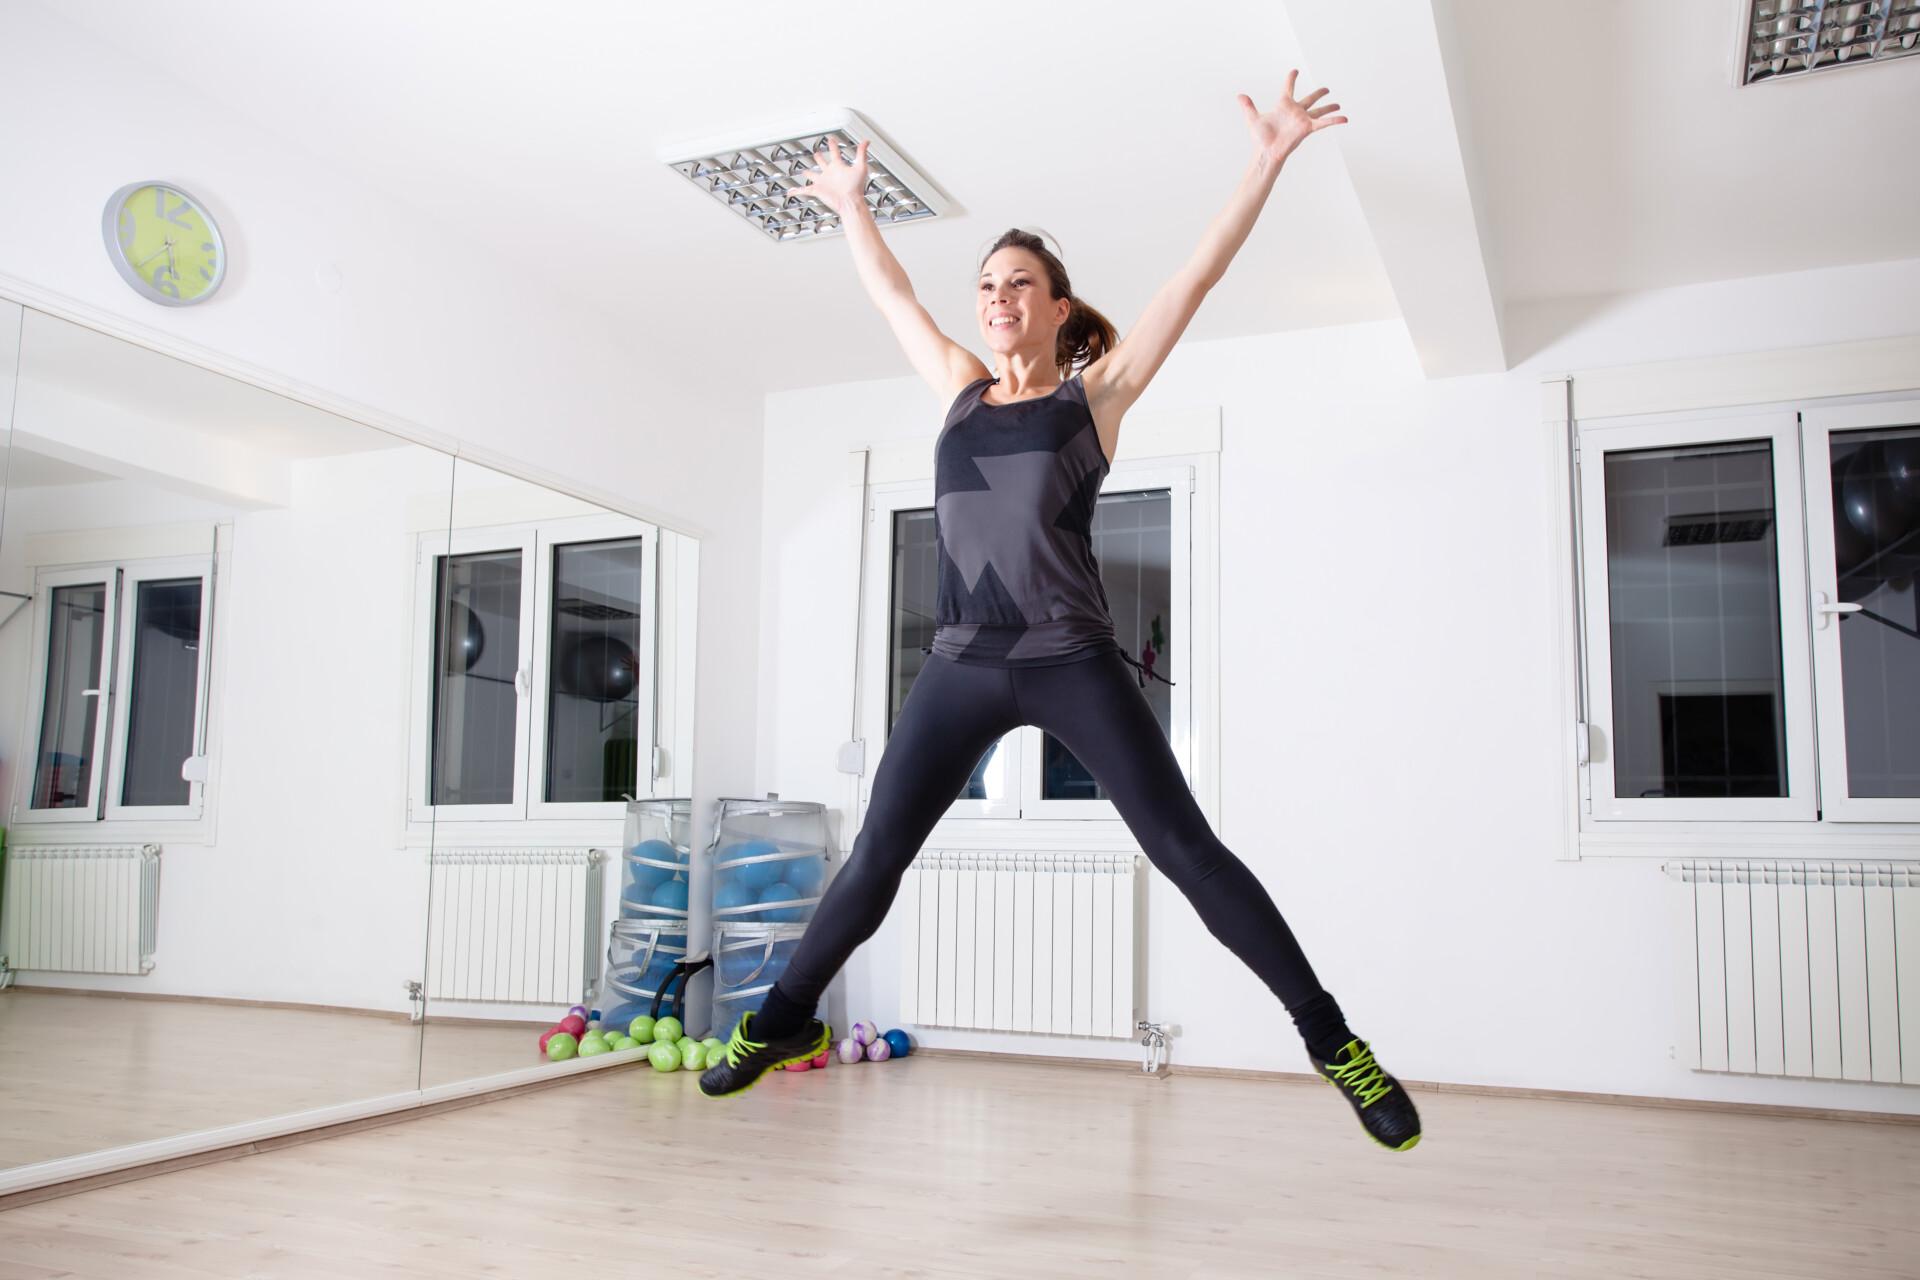 スタジオで女性がジャンプしている